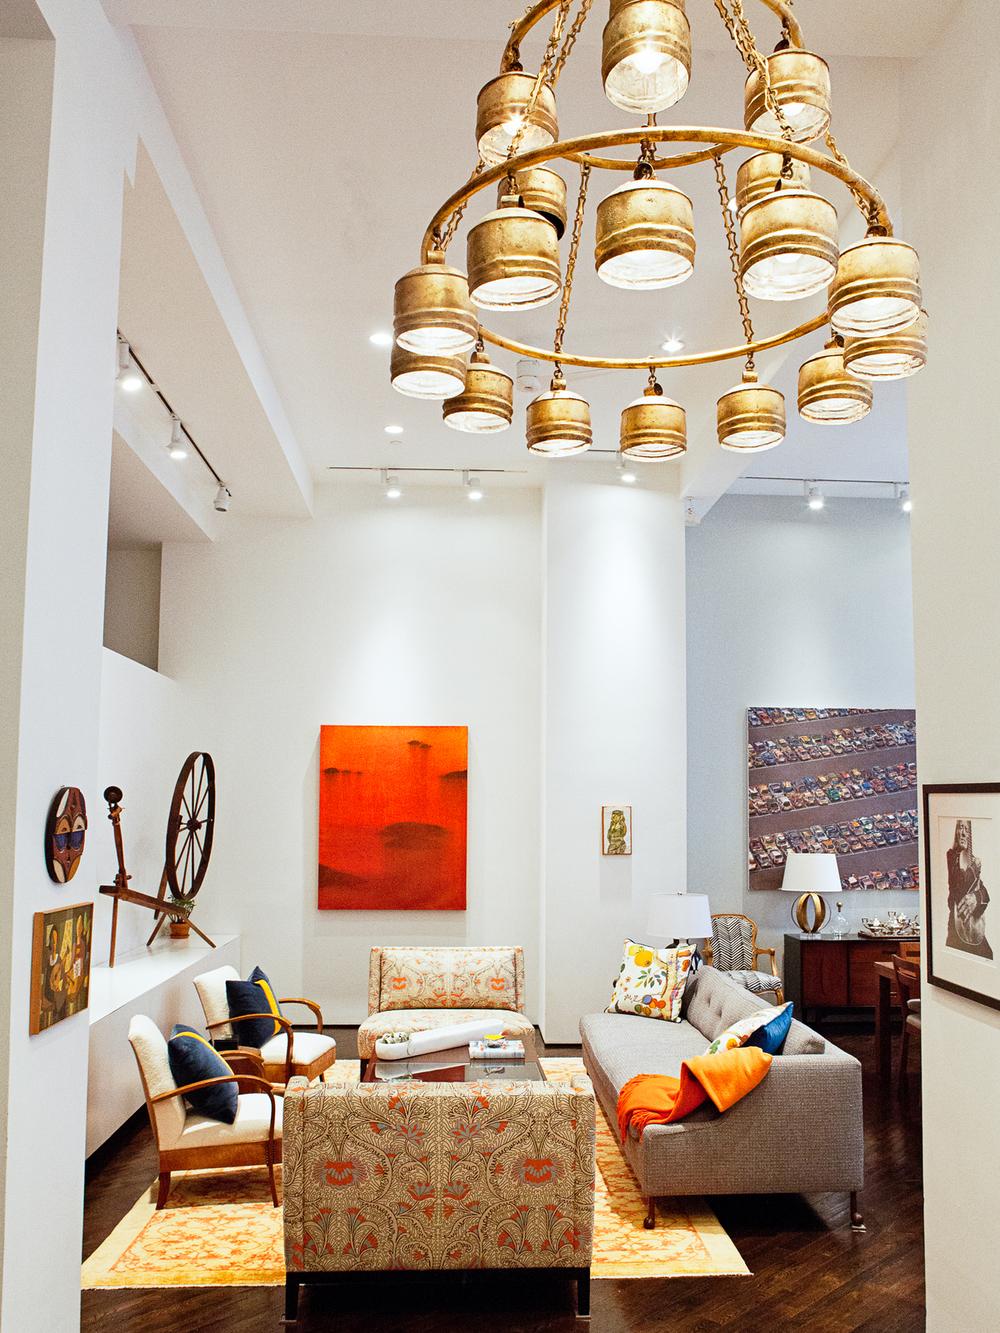 A Tribeca living room designed by Lindsey Lane